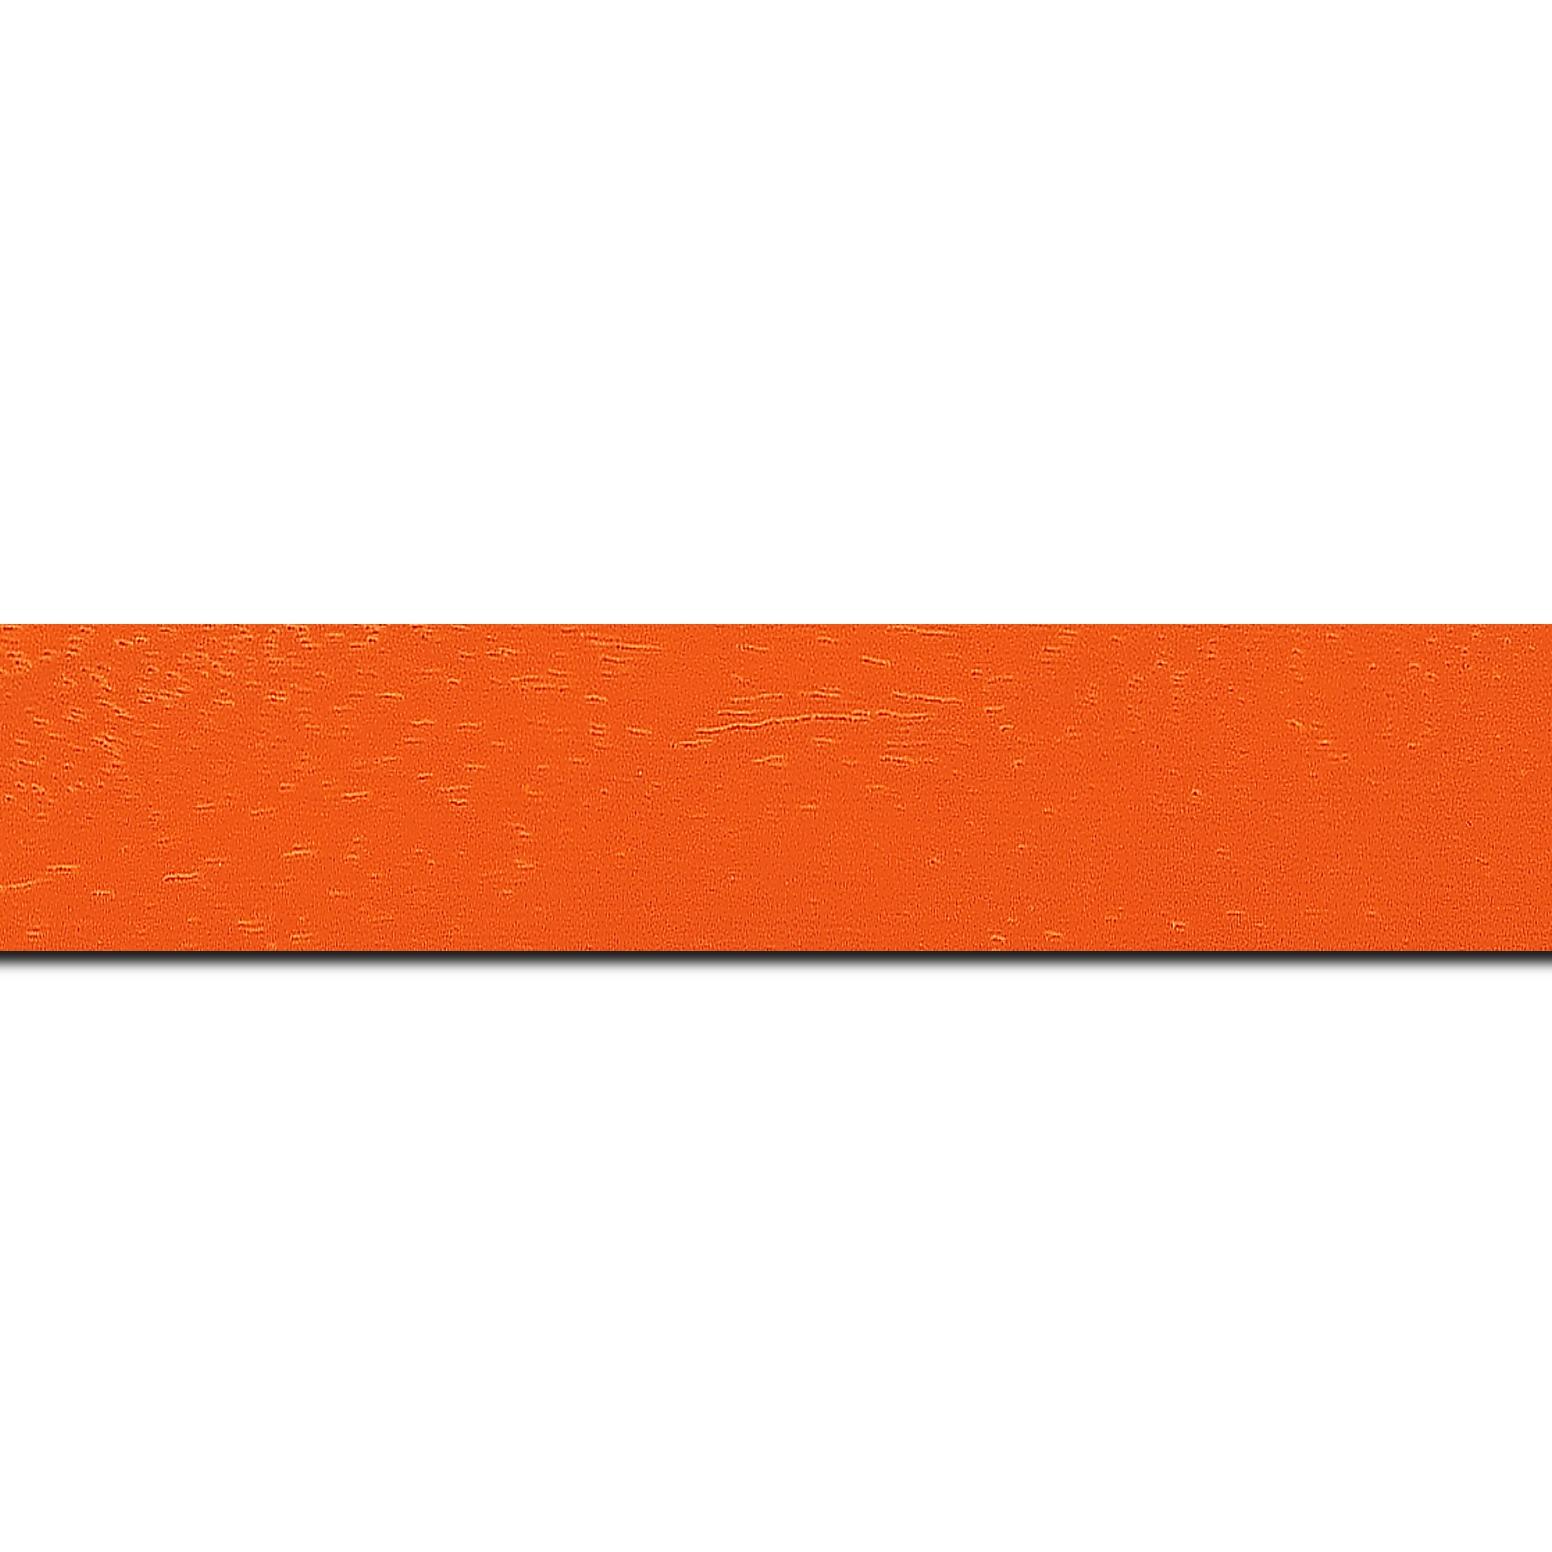 Baguette longueur 1.40m bois profil plat largeur 3cm couleur orange tonique satiné